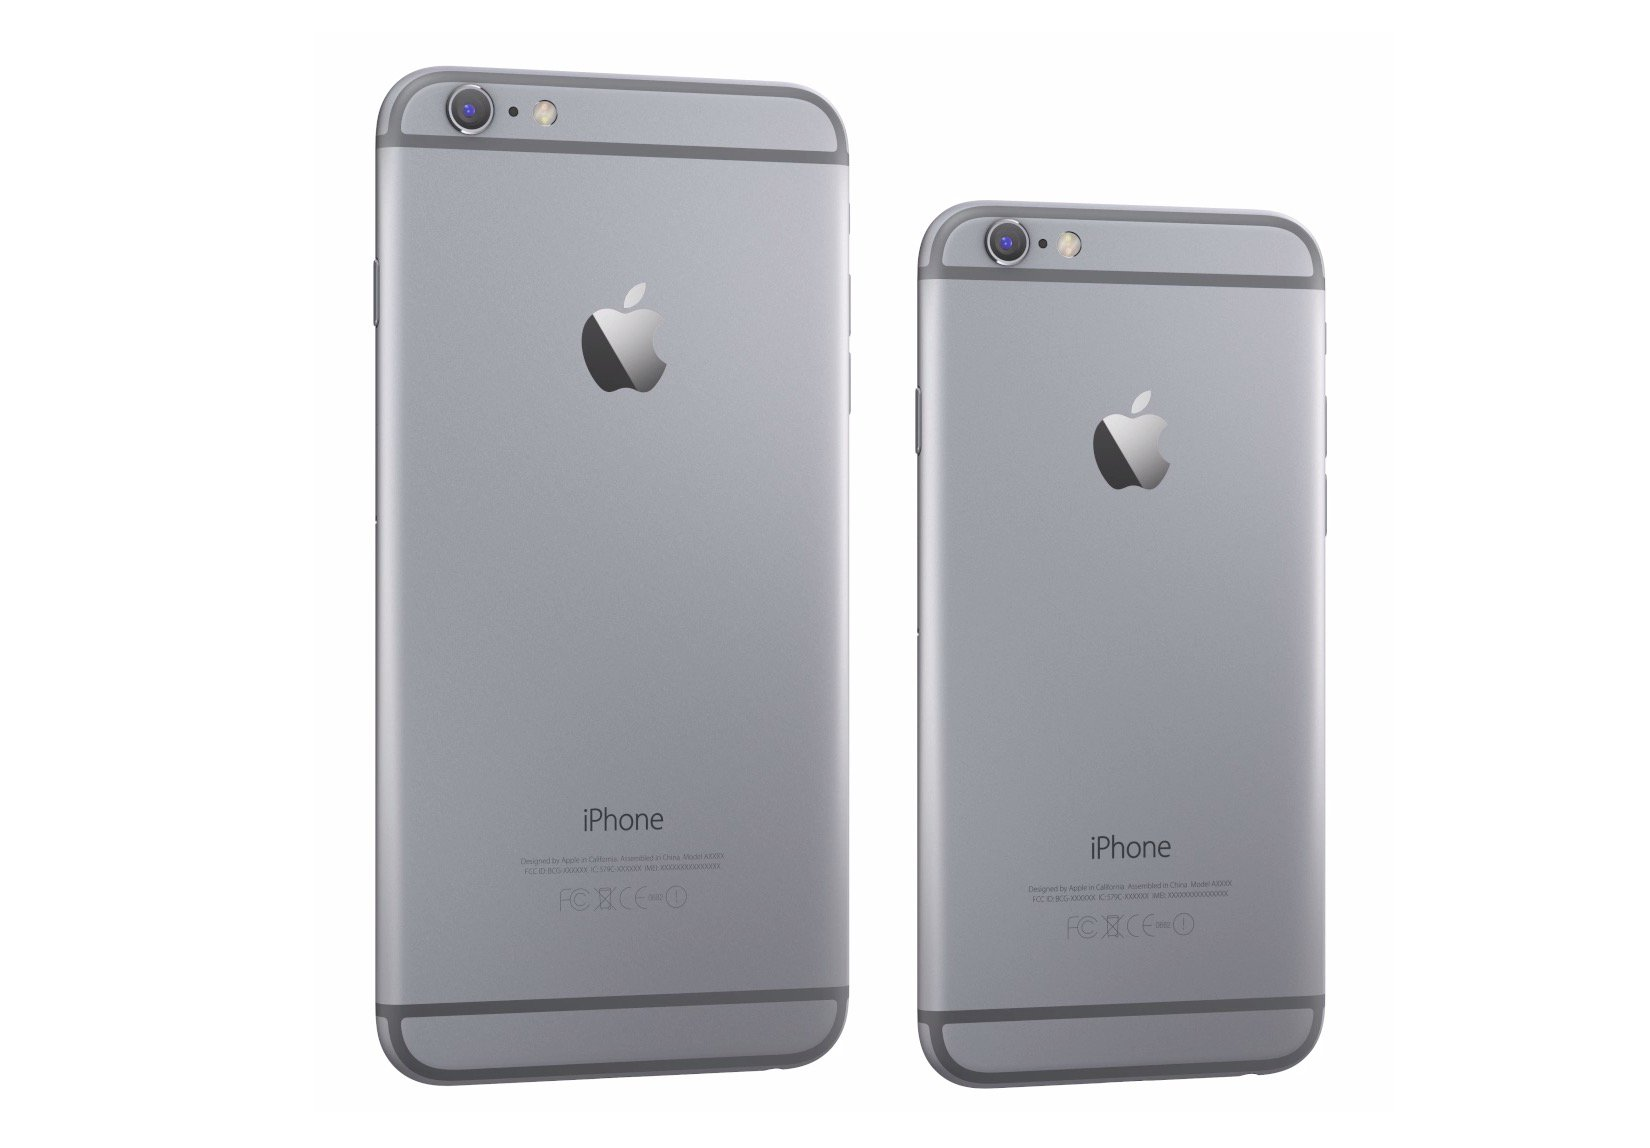 Se några av iPhone 6 -funktionerna som inte är tillgängliga på iPhone 4.